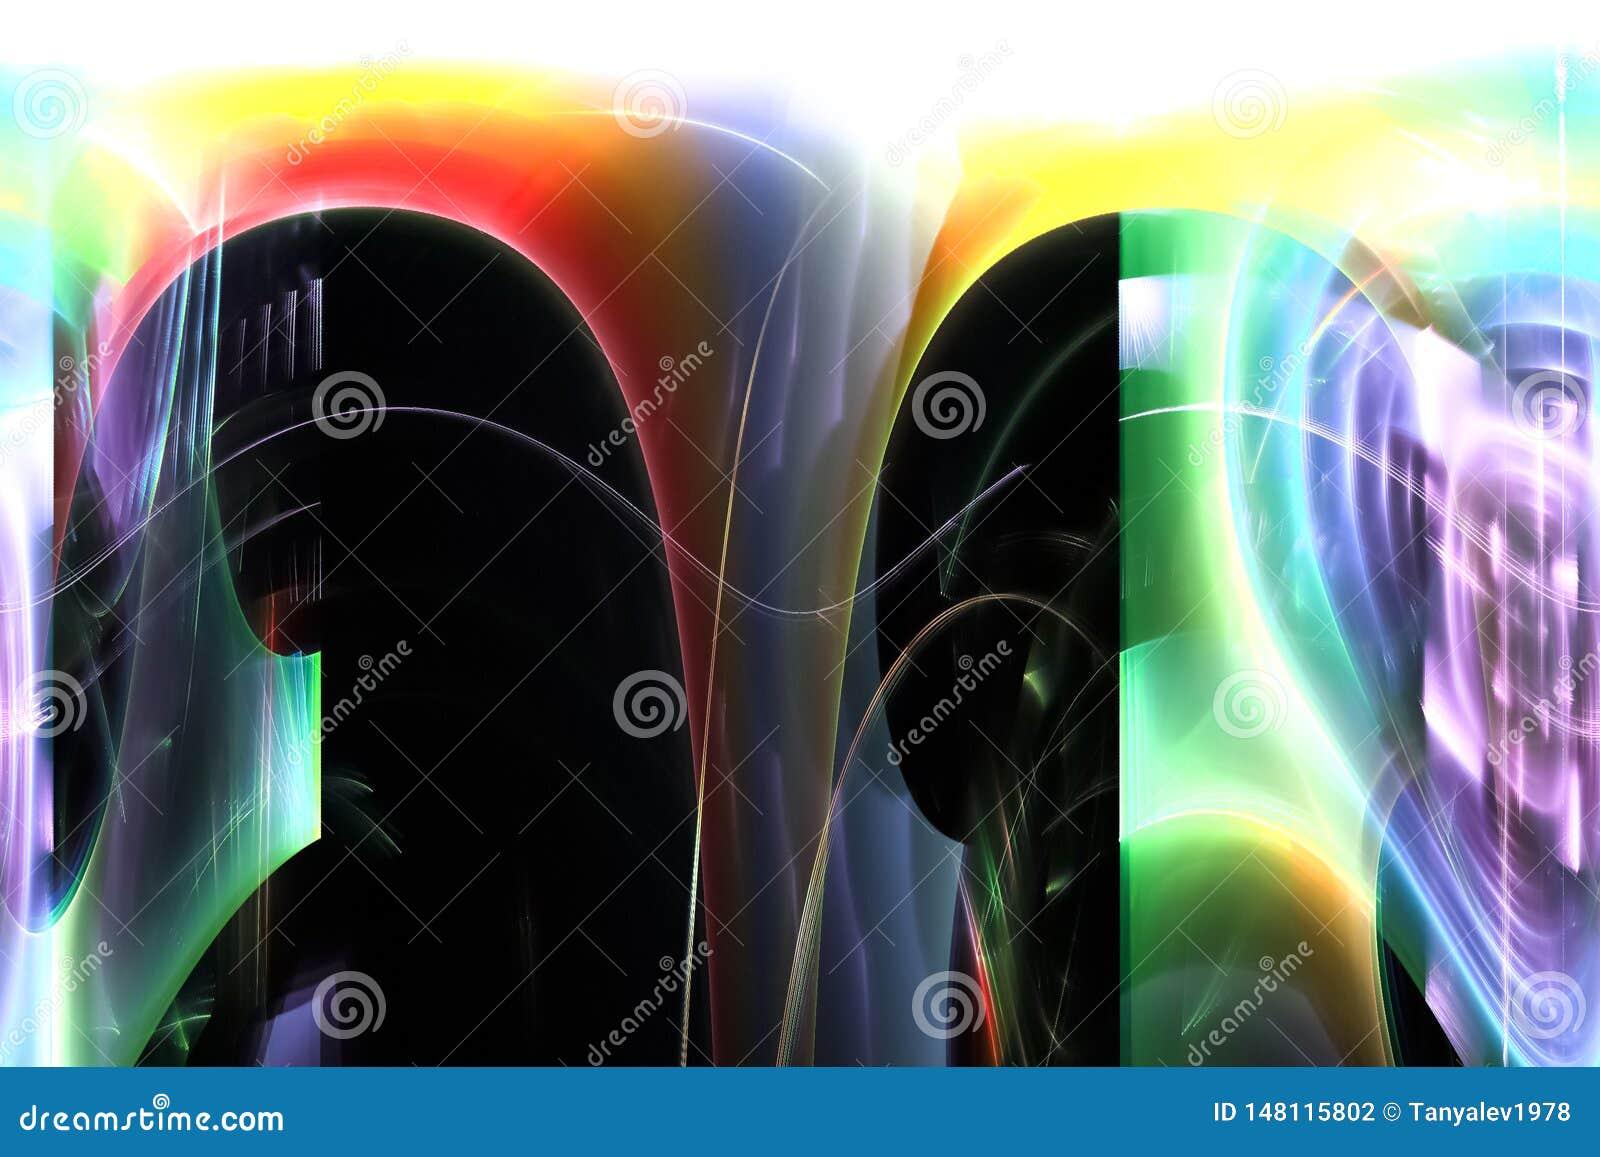 数字摘要,火花样式能量力量五颜六色的分数维焕发模板躺在了幻想现代设计魔术动力学